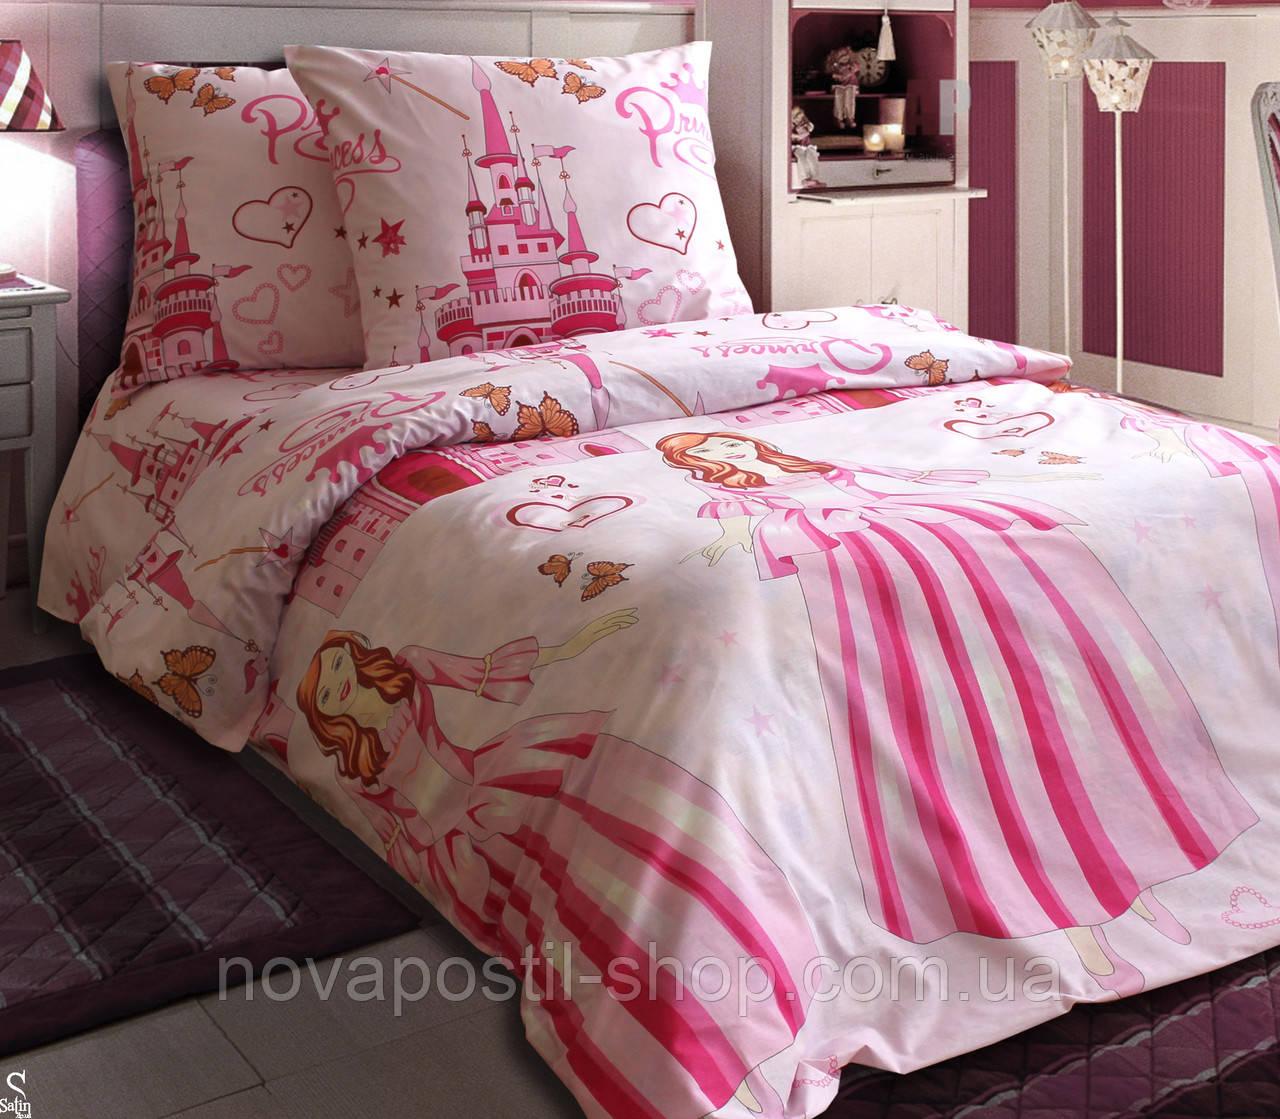 Детская постель для девочки - комплект 1.5 Десятое королевство